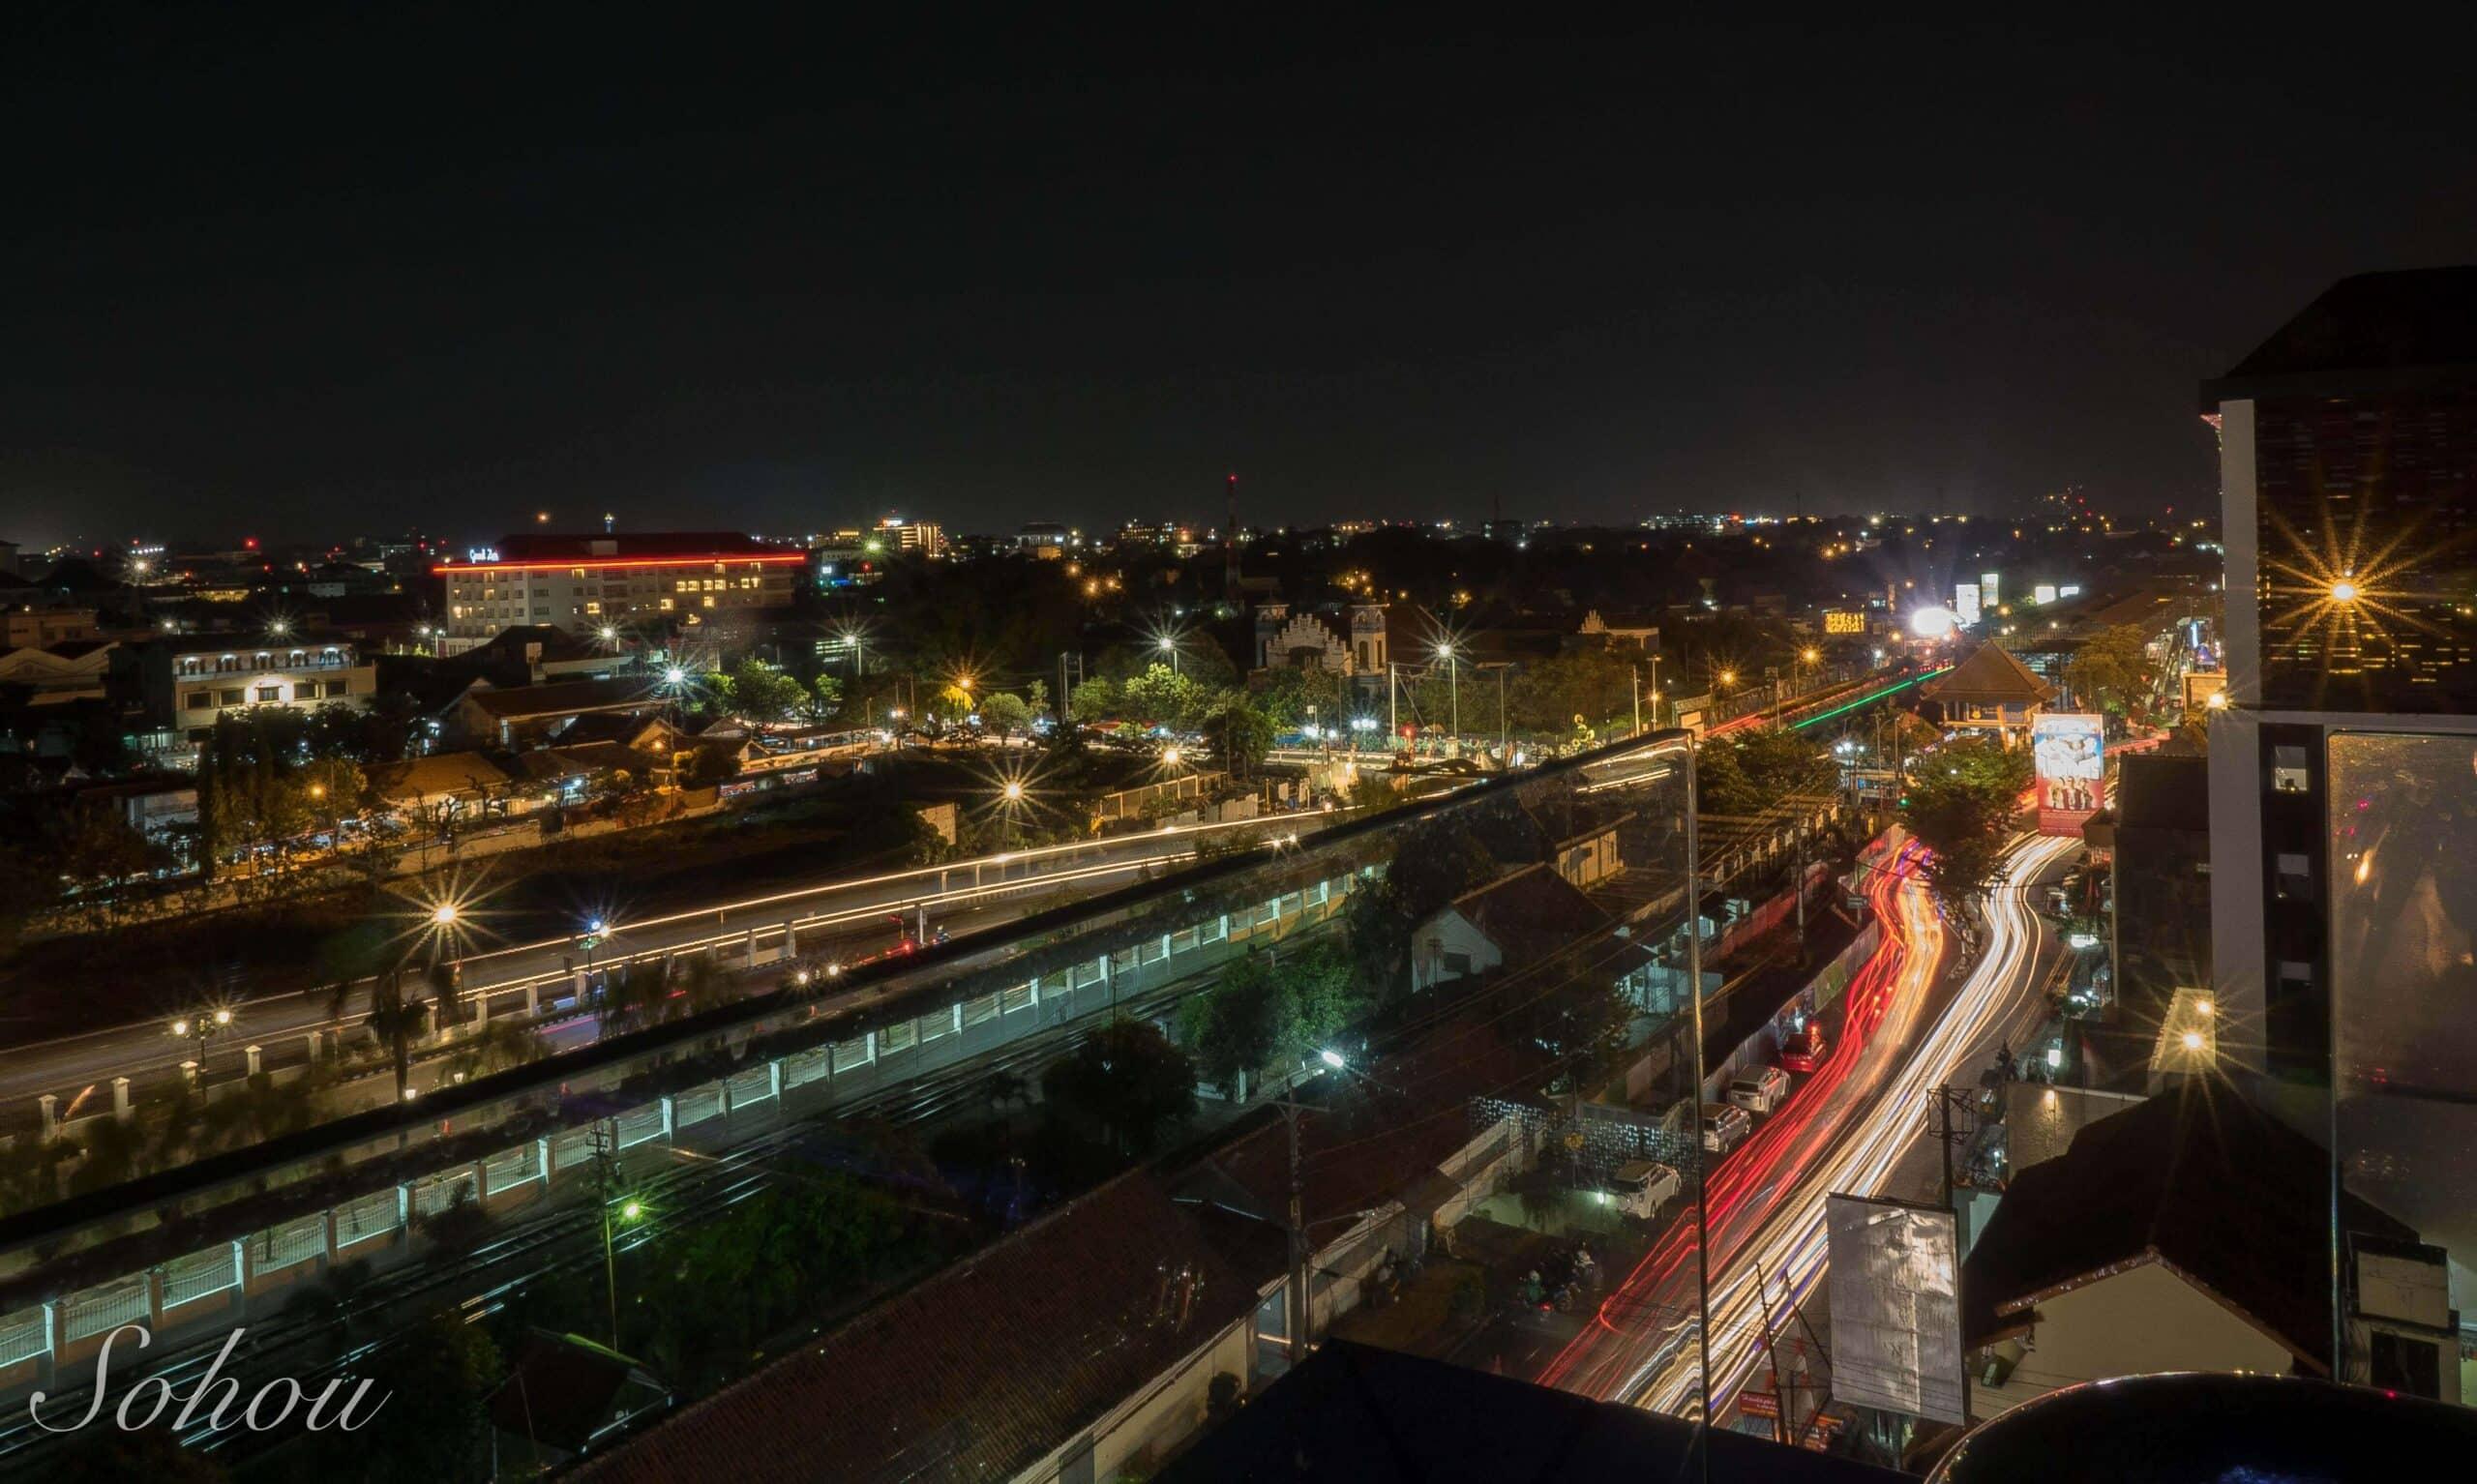 ジョグジャカルタの夜景